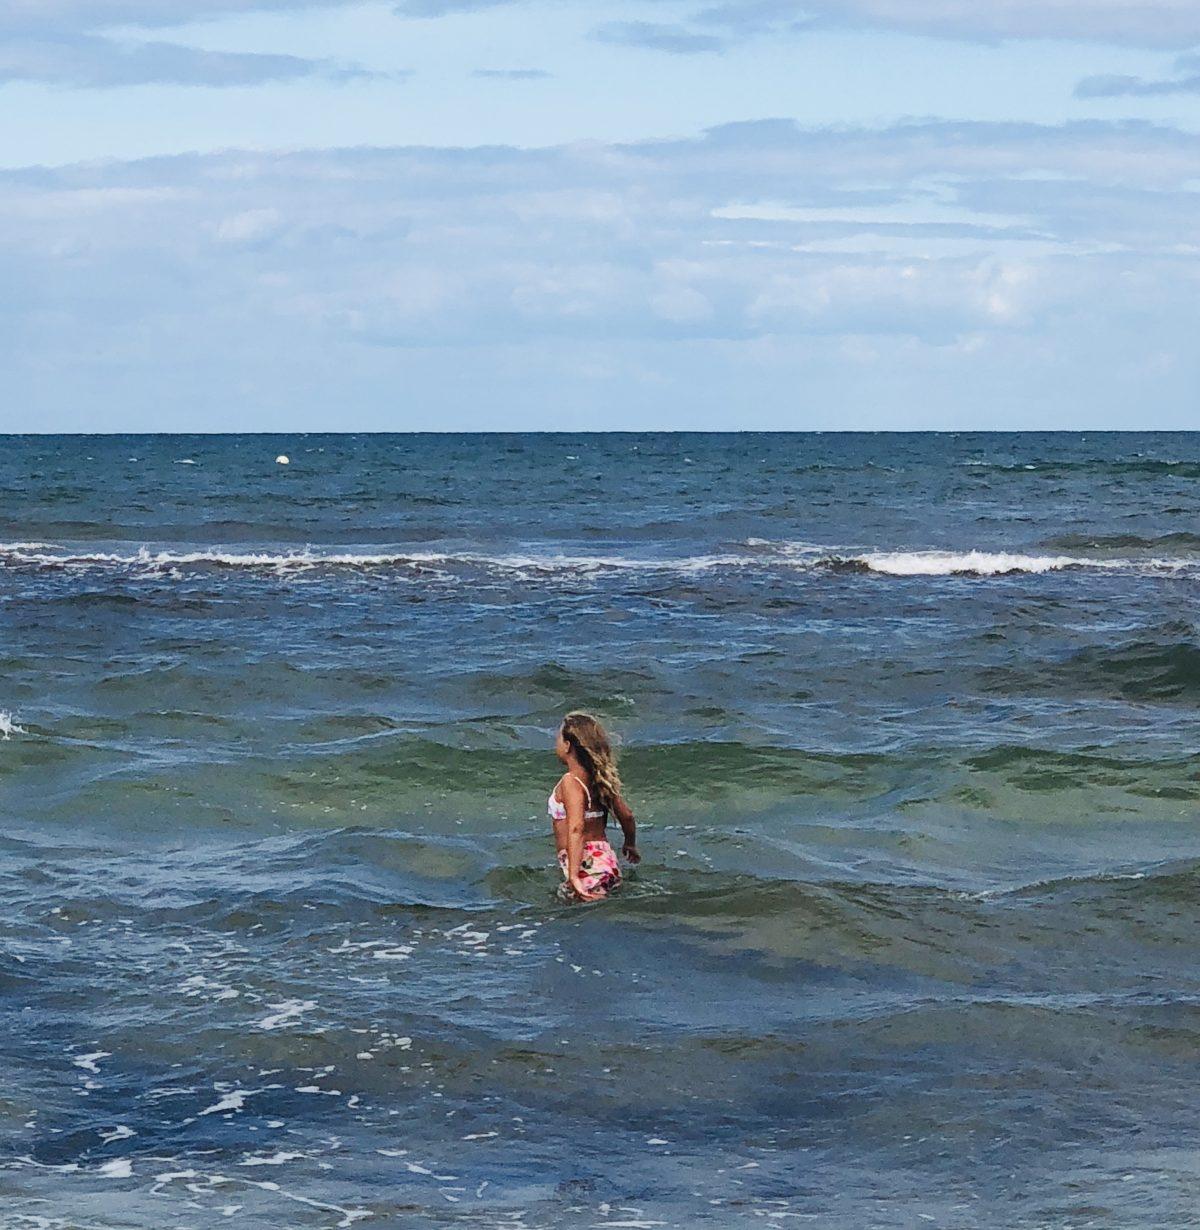 Ferien an der Ostsee | berlinmittemom.com